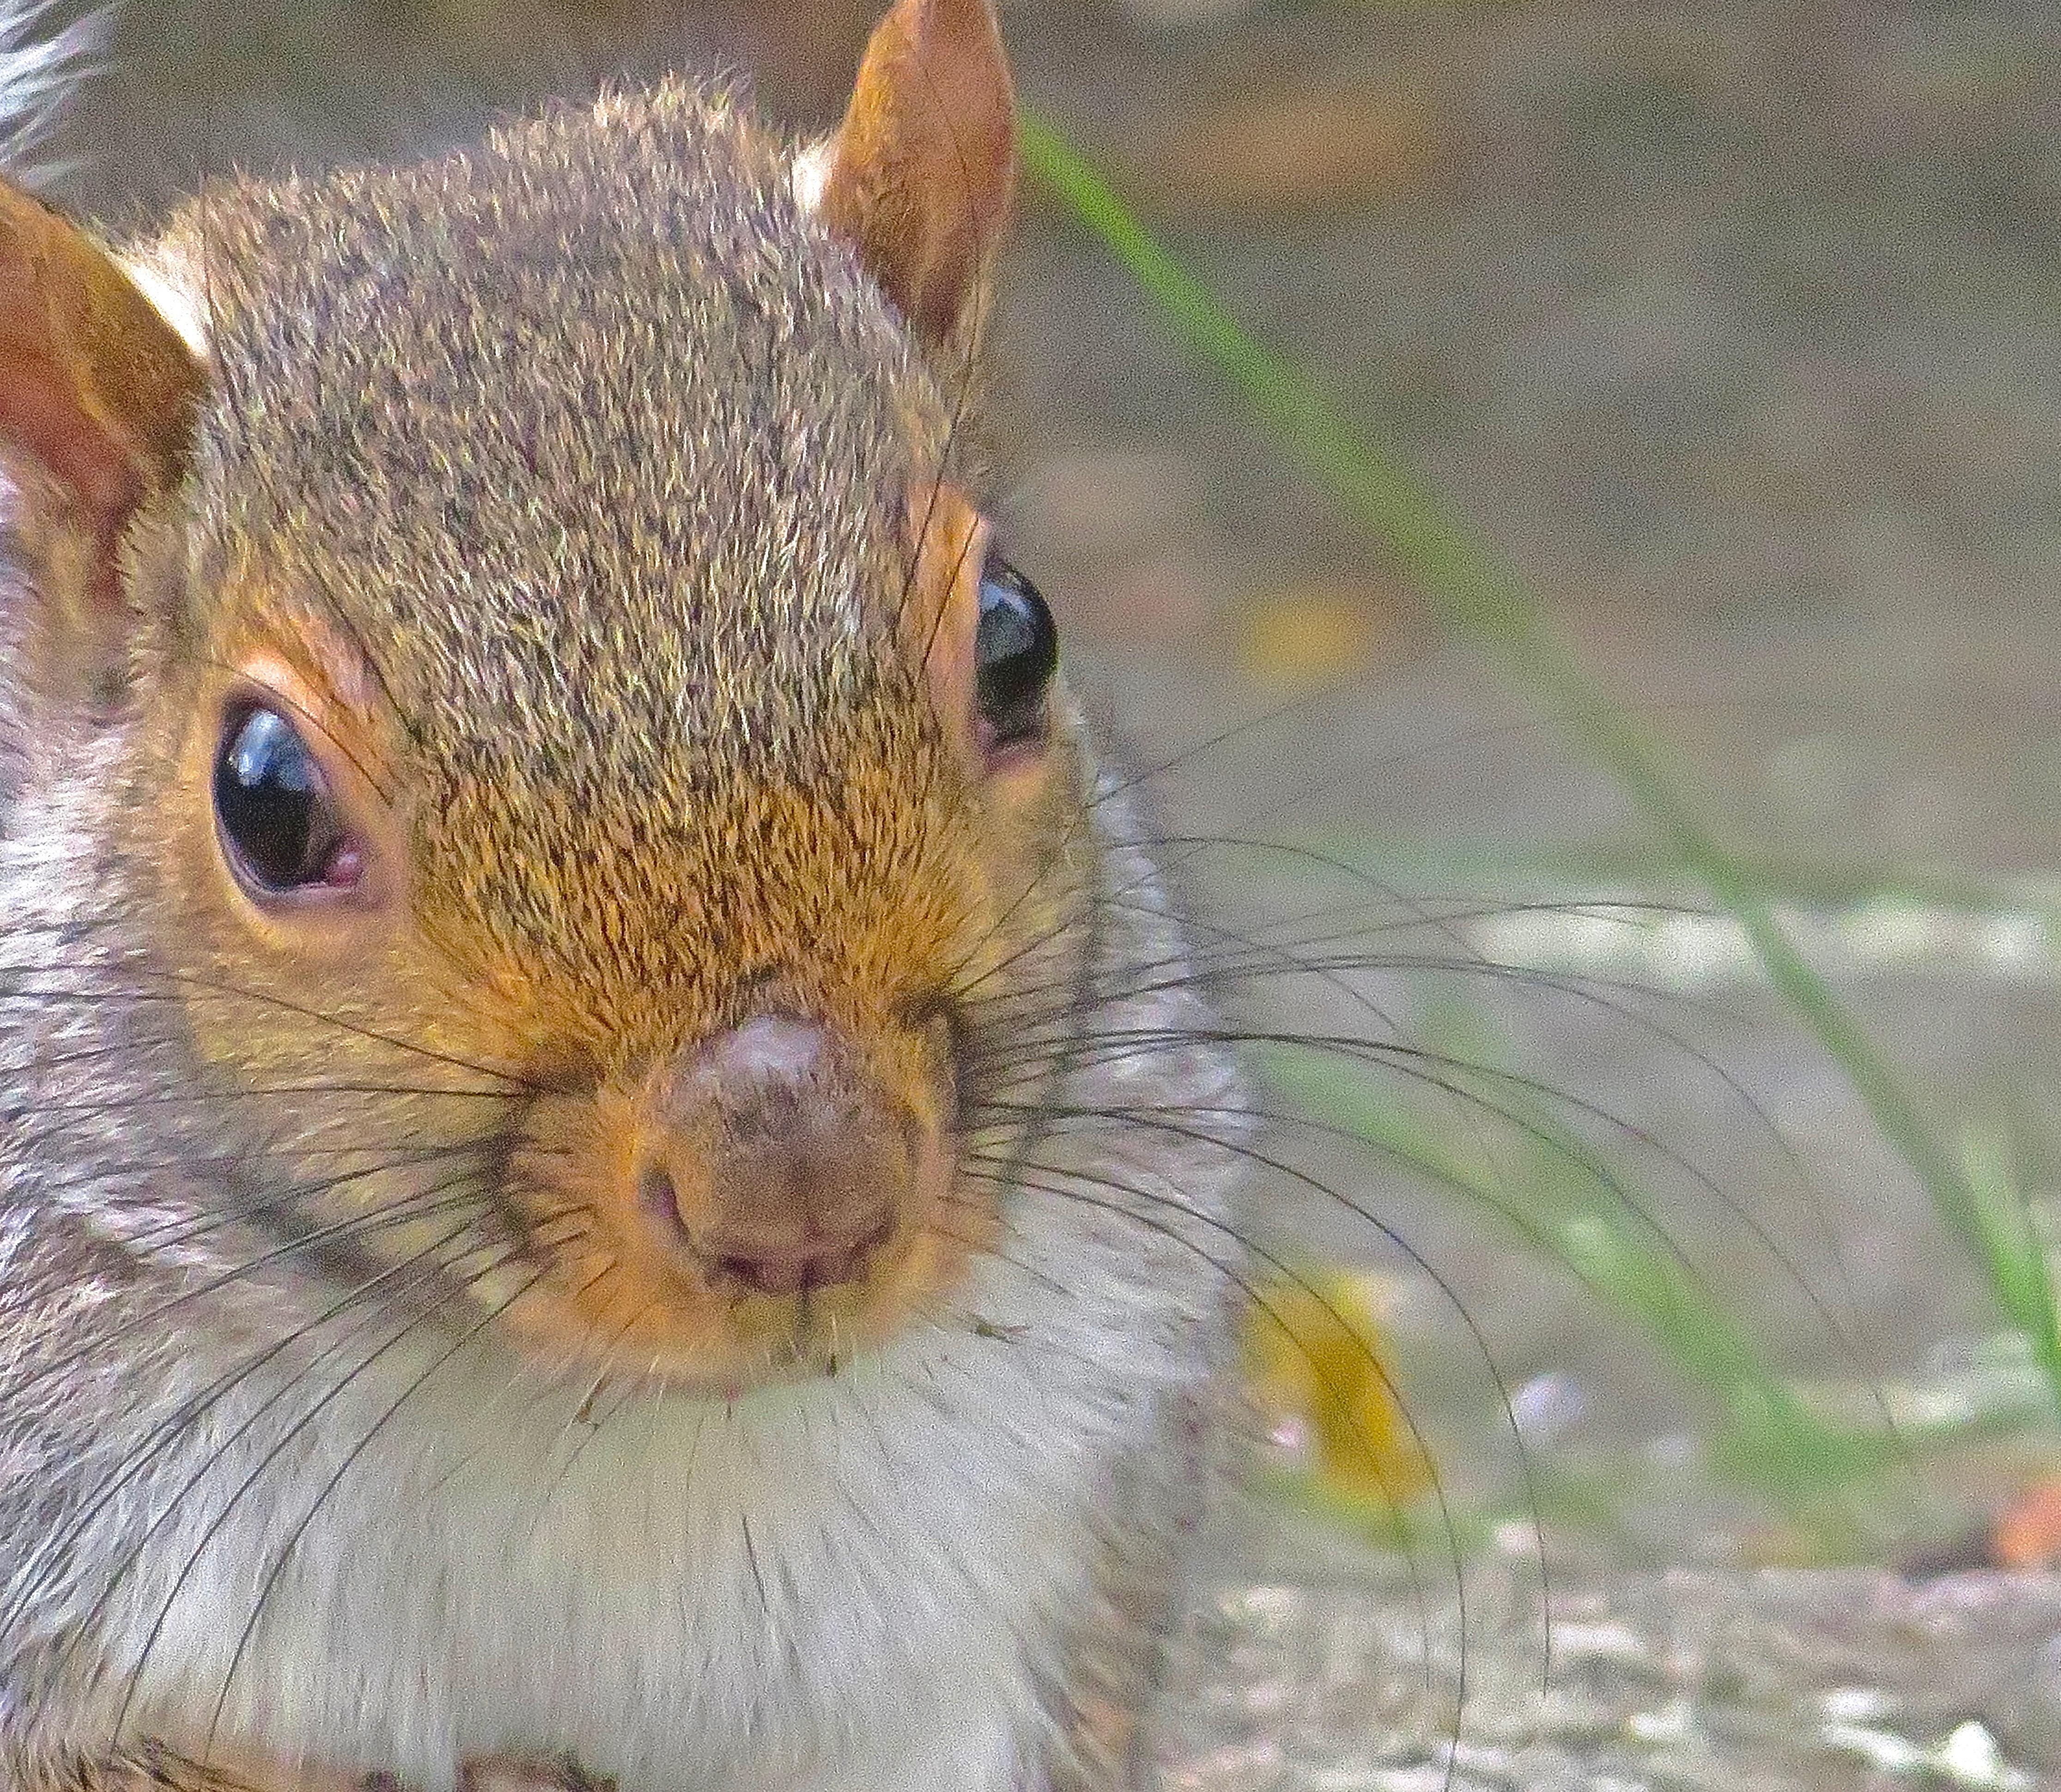 _squirrel close